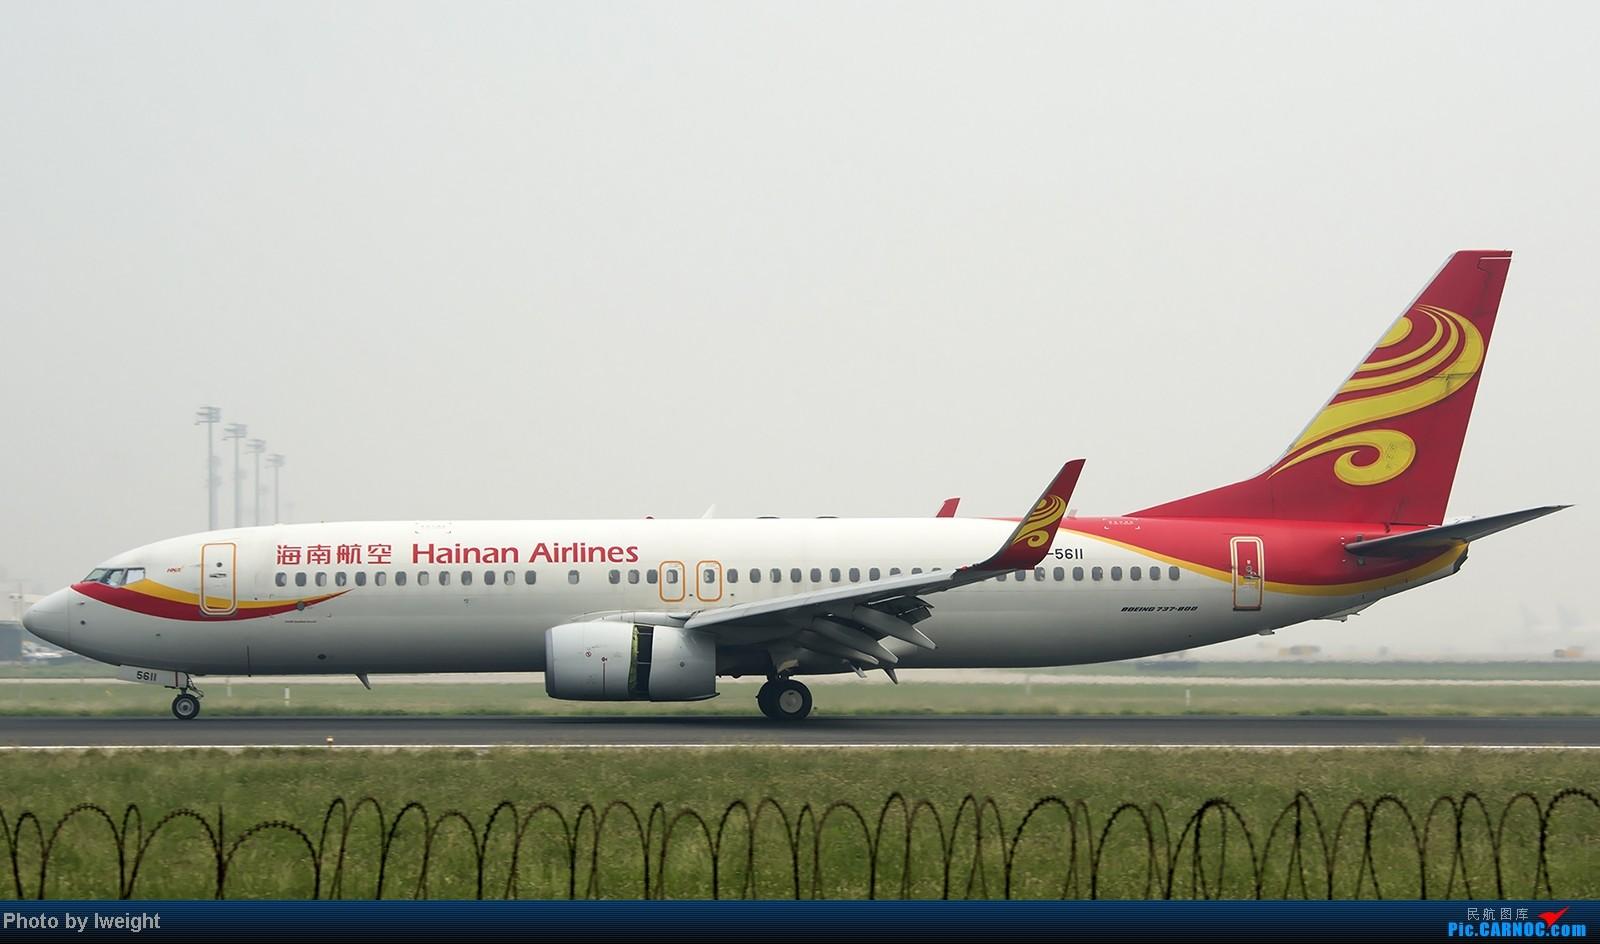 Re:[原创]9月7日帝都的烂天里乱拍一通 BOEING 737-800 B-5611 中国北京首都机场